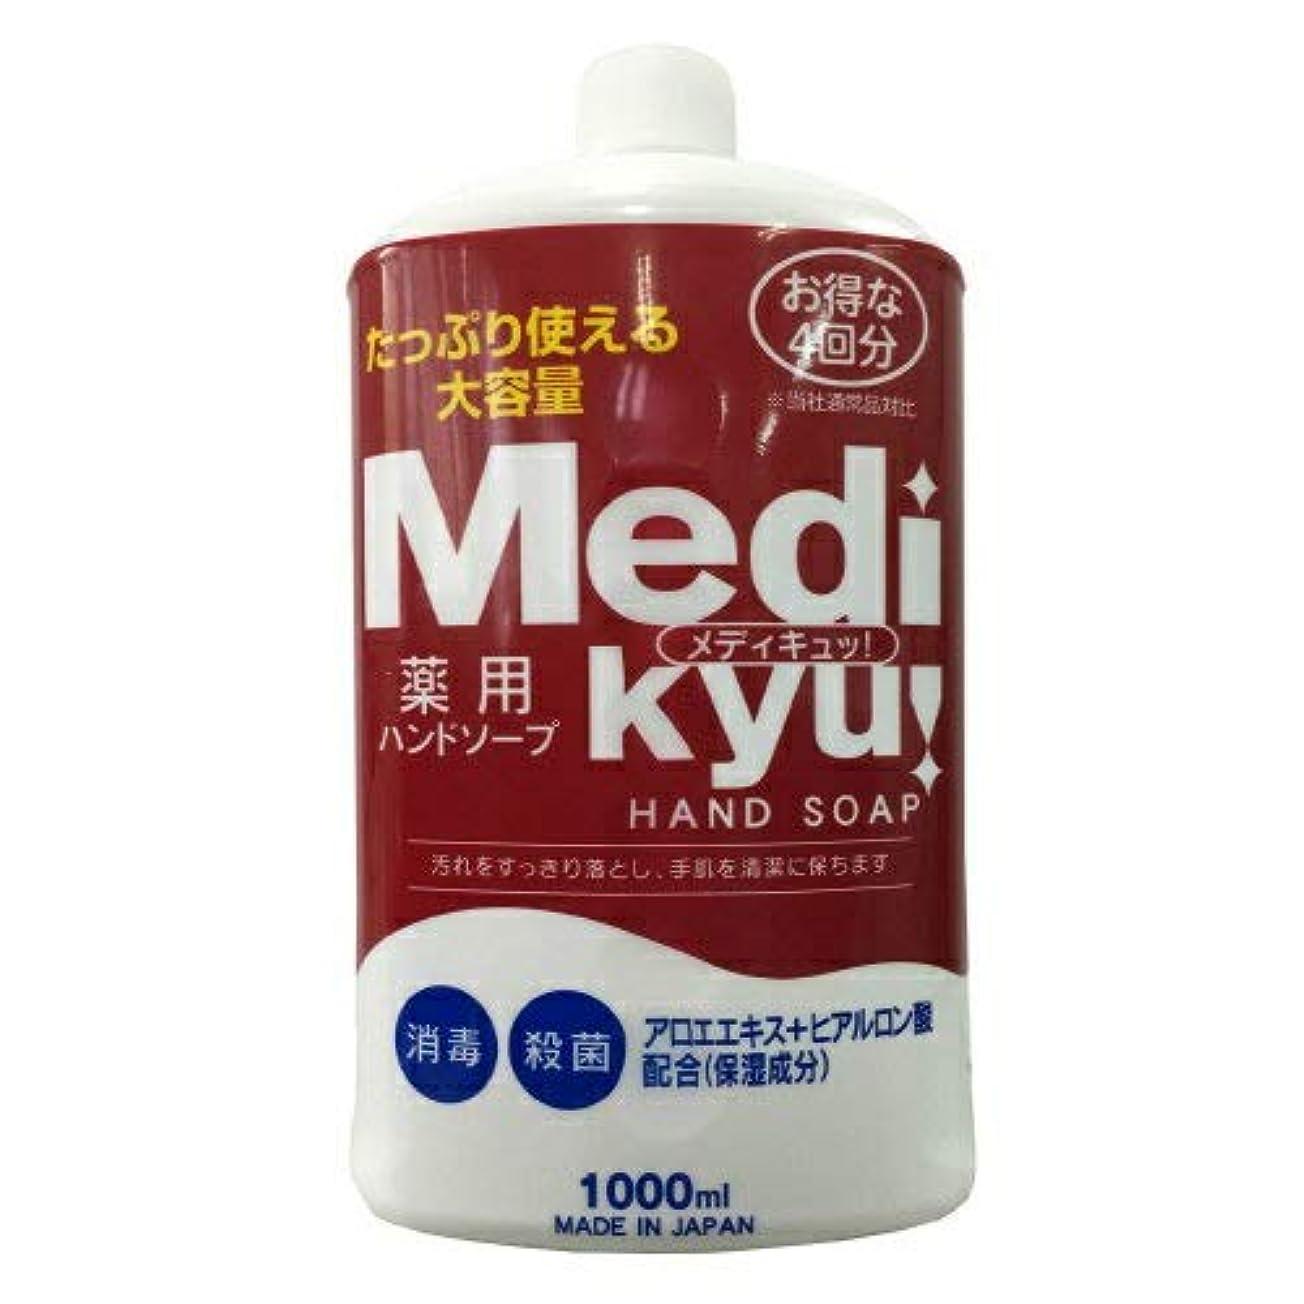 レイキノコ証書ロケット石鹸 メディキュッ! 薬用ハンドソープ 大型ボトル 詰替用 1000ml